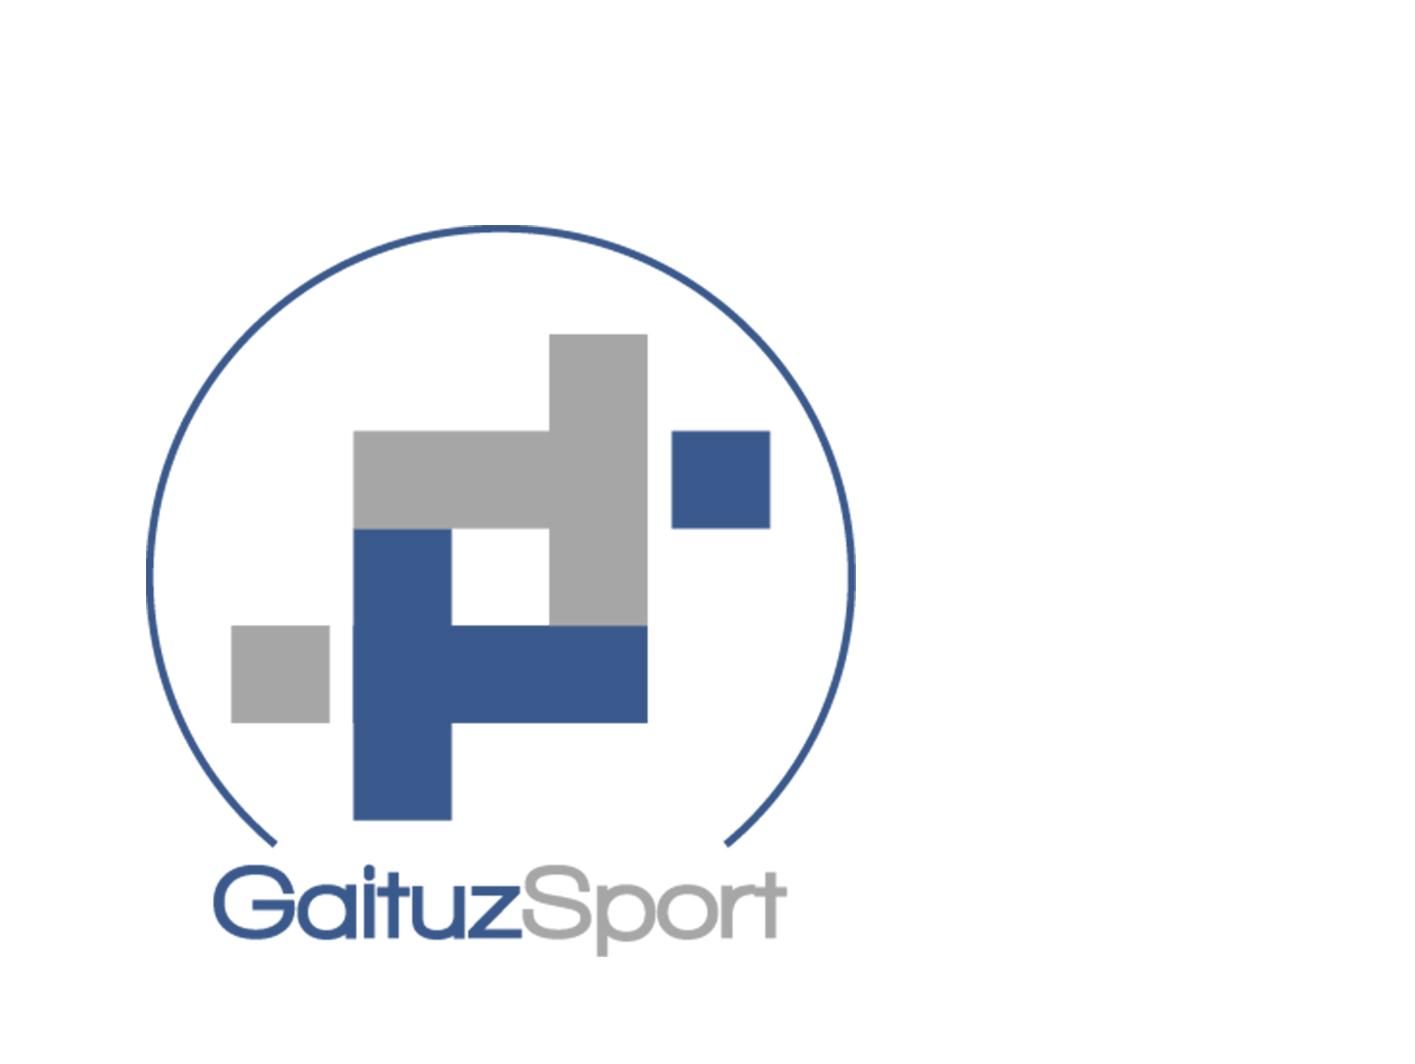 FUNDACIÓN GAITUZSPORT